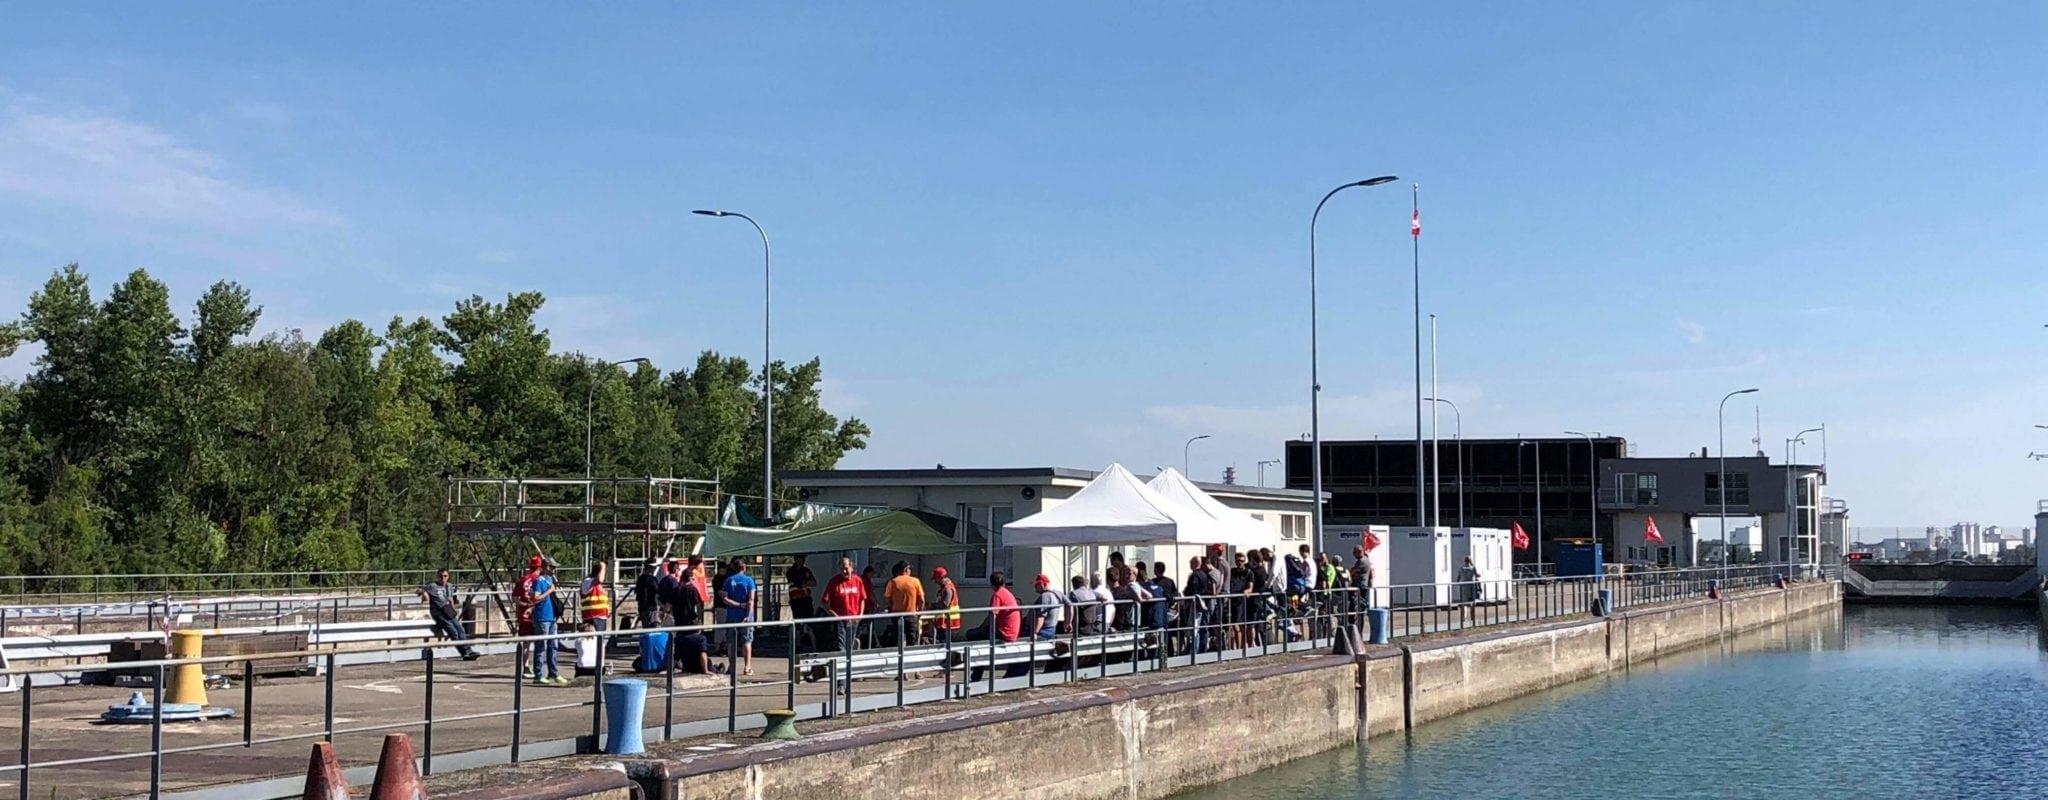 Les barrages sur le Rhin à l'abri de la libéralisation pour l'instant